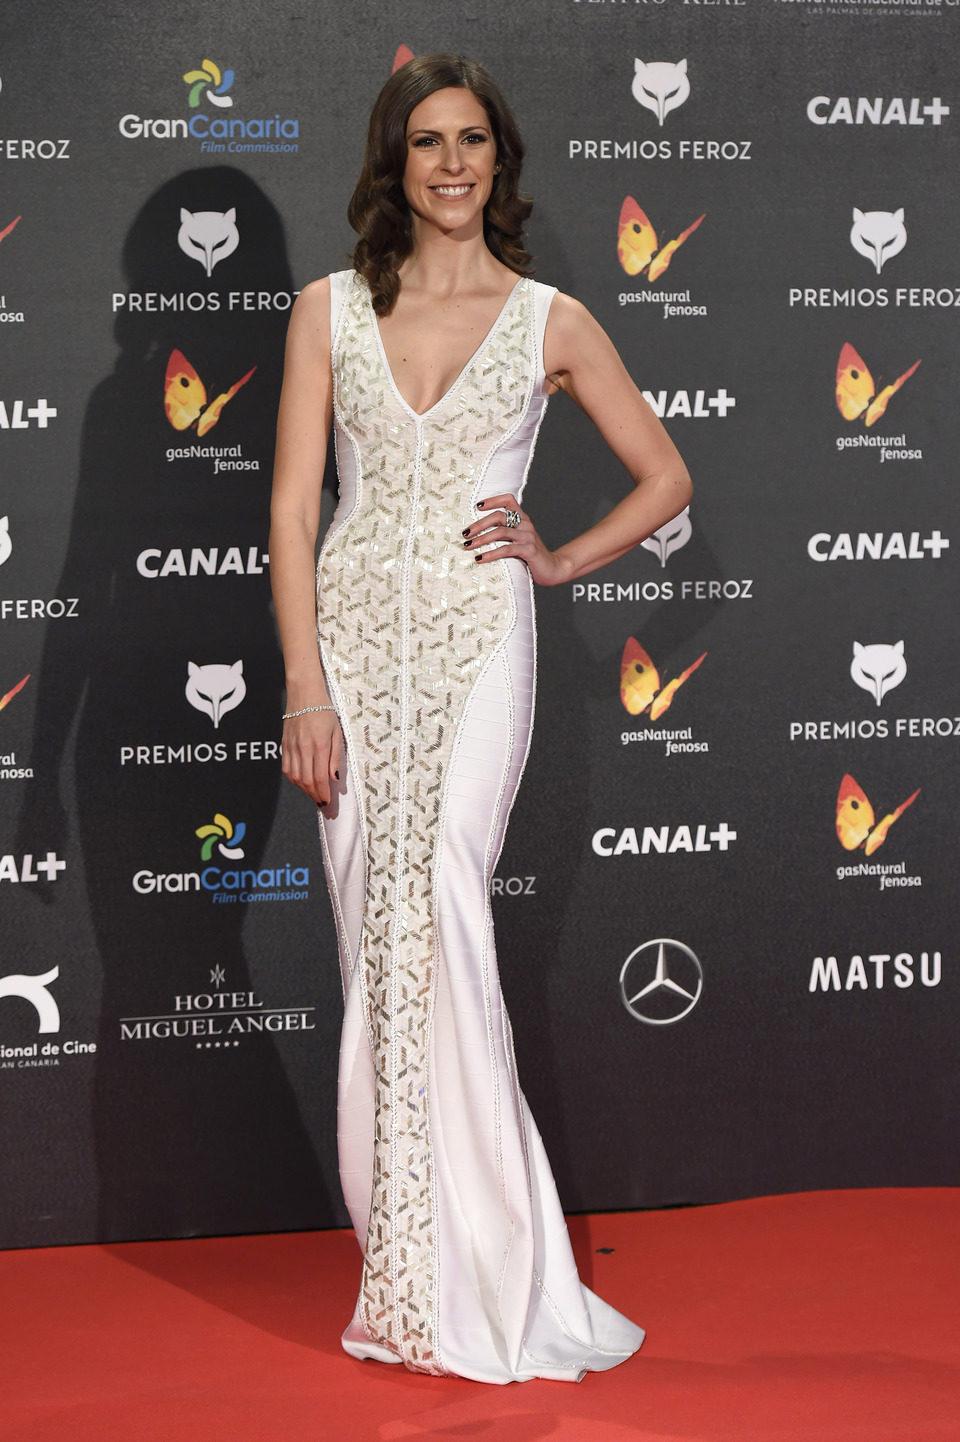 Bárbara Santa-Cruz en los Premios Feroz 2015